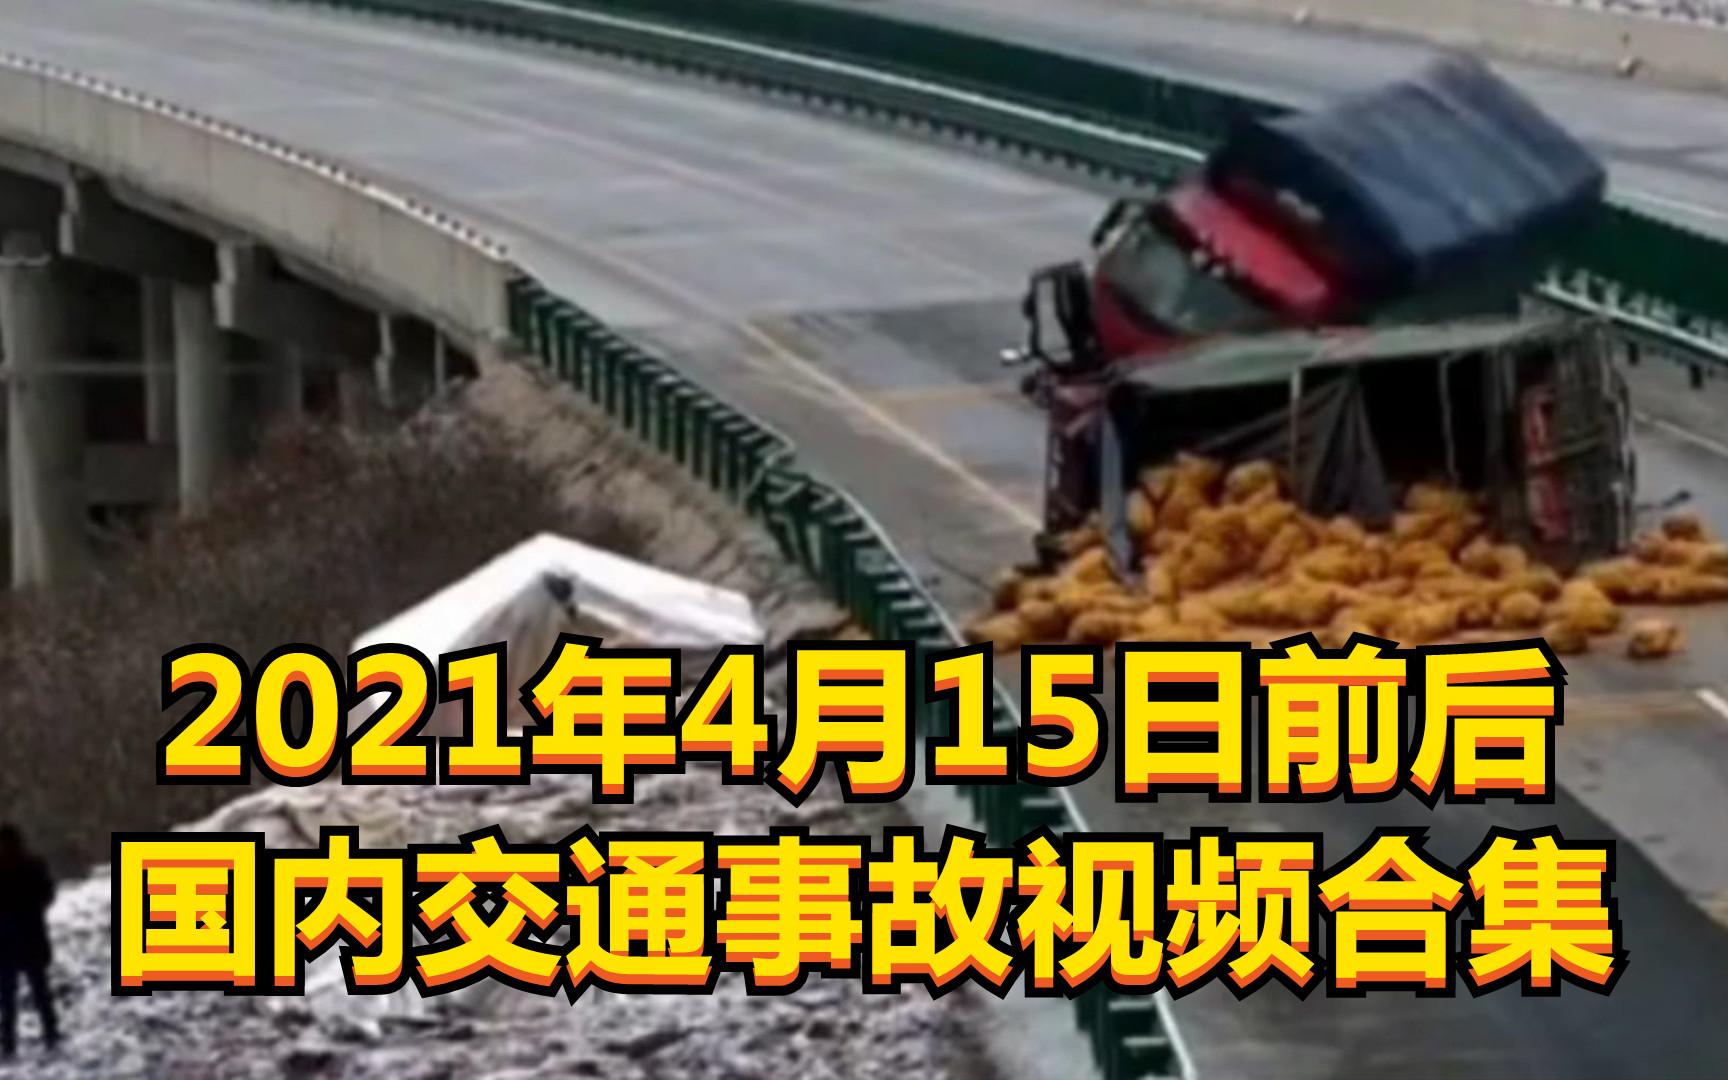 2021年4月15日前后国内交通事故视频合集